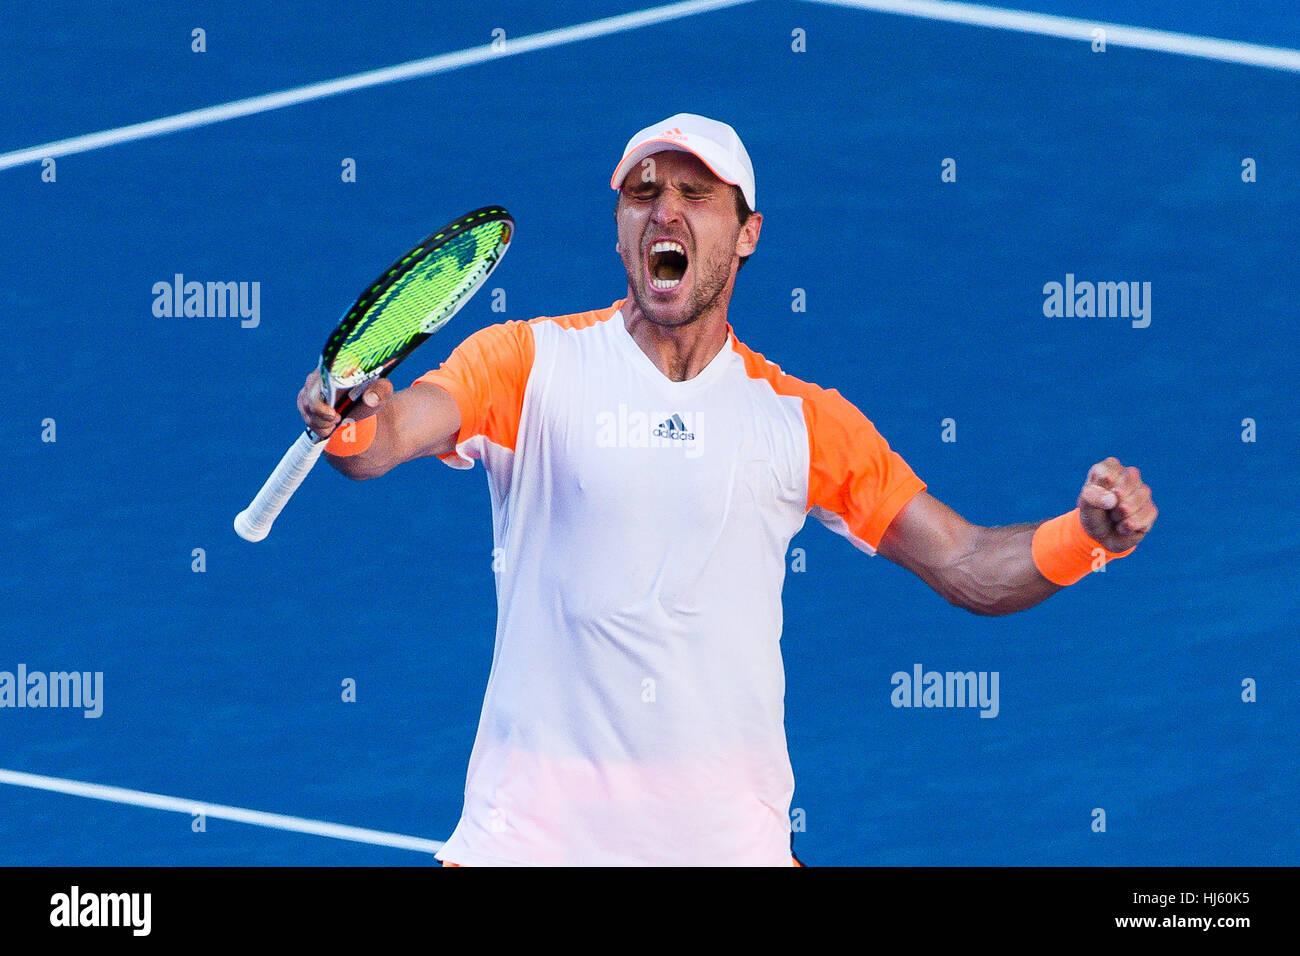 Mischa Zverev della Germania ousts numero uno al mondo Andy Murray durante il 2017 Tennis Open di Australia a Melbourne Immagini Stock